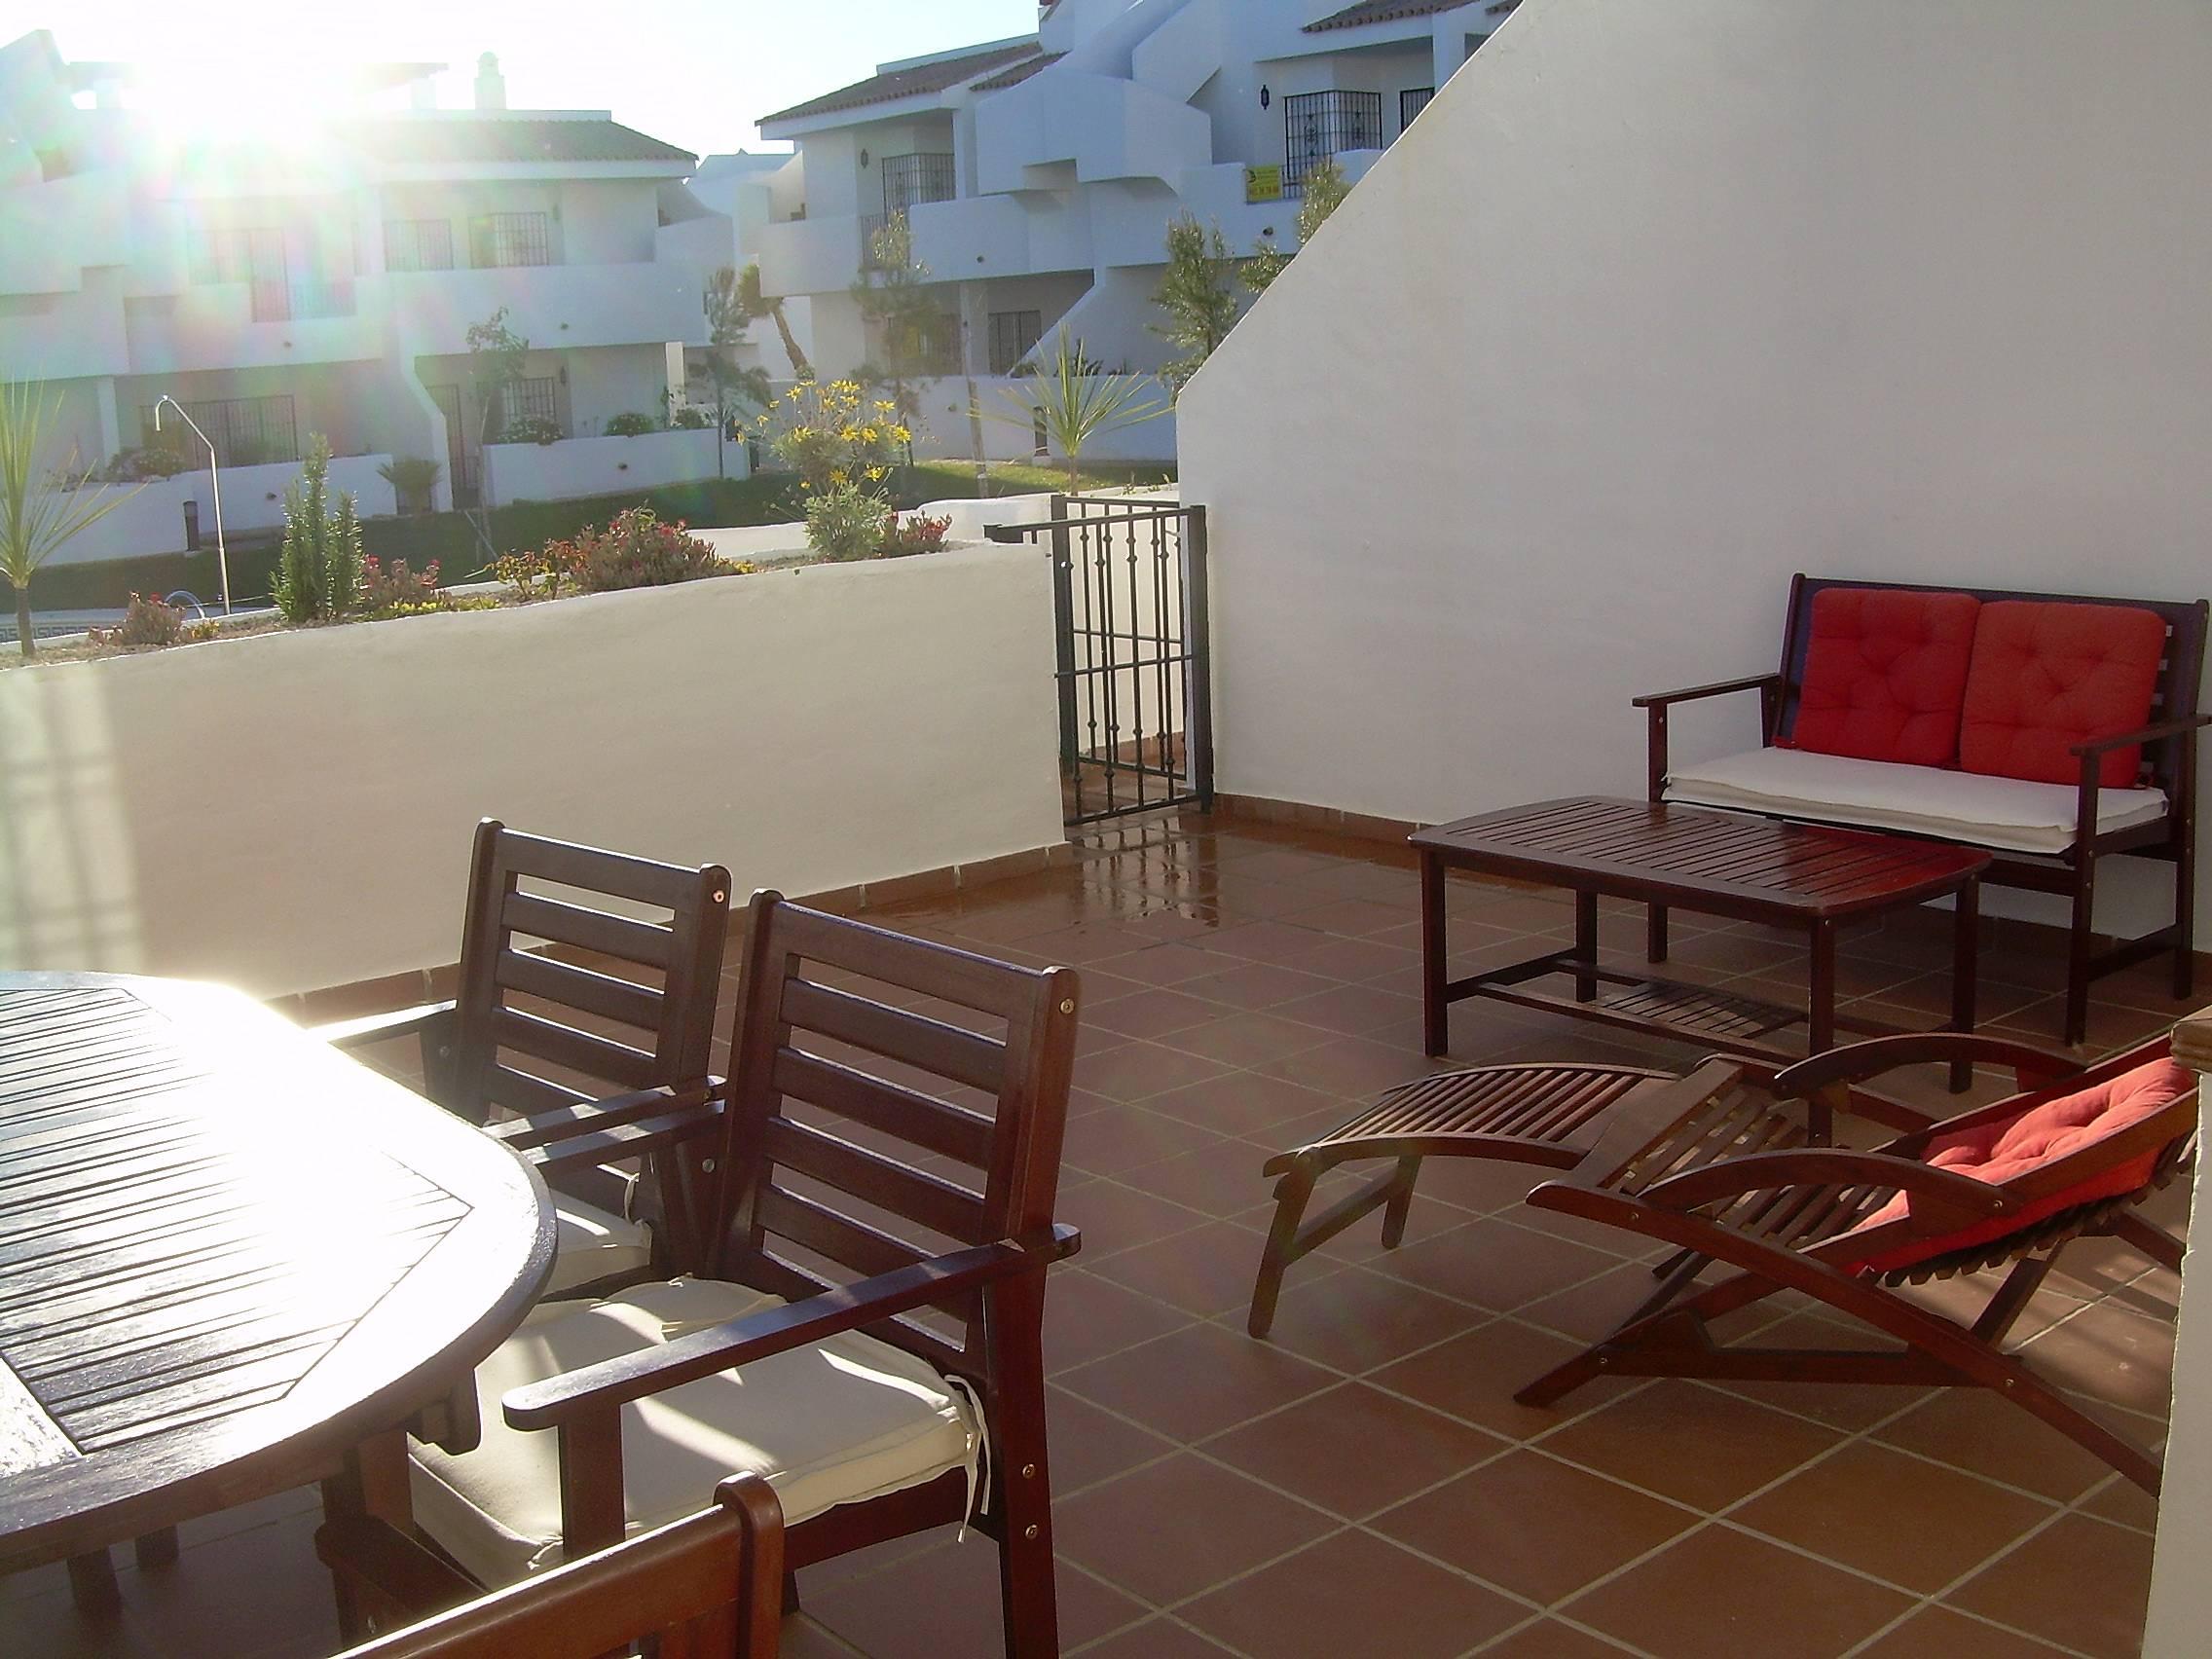 Apartamento en alquiler a 600 m de la playa islantilla i - Rentalia islantilla ...